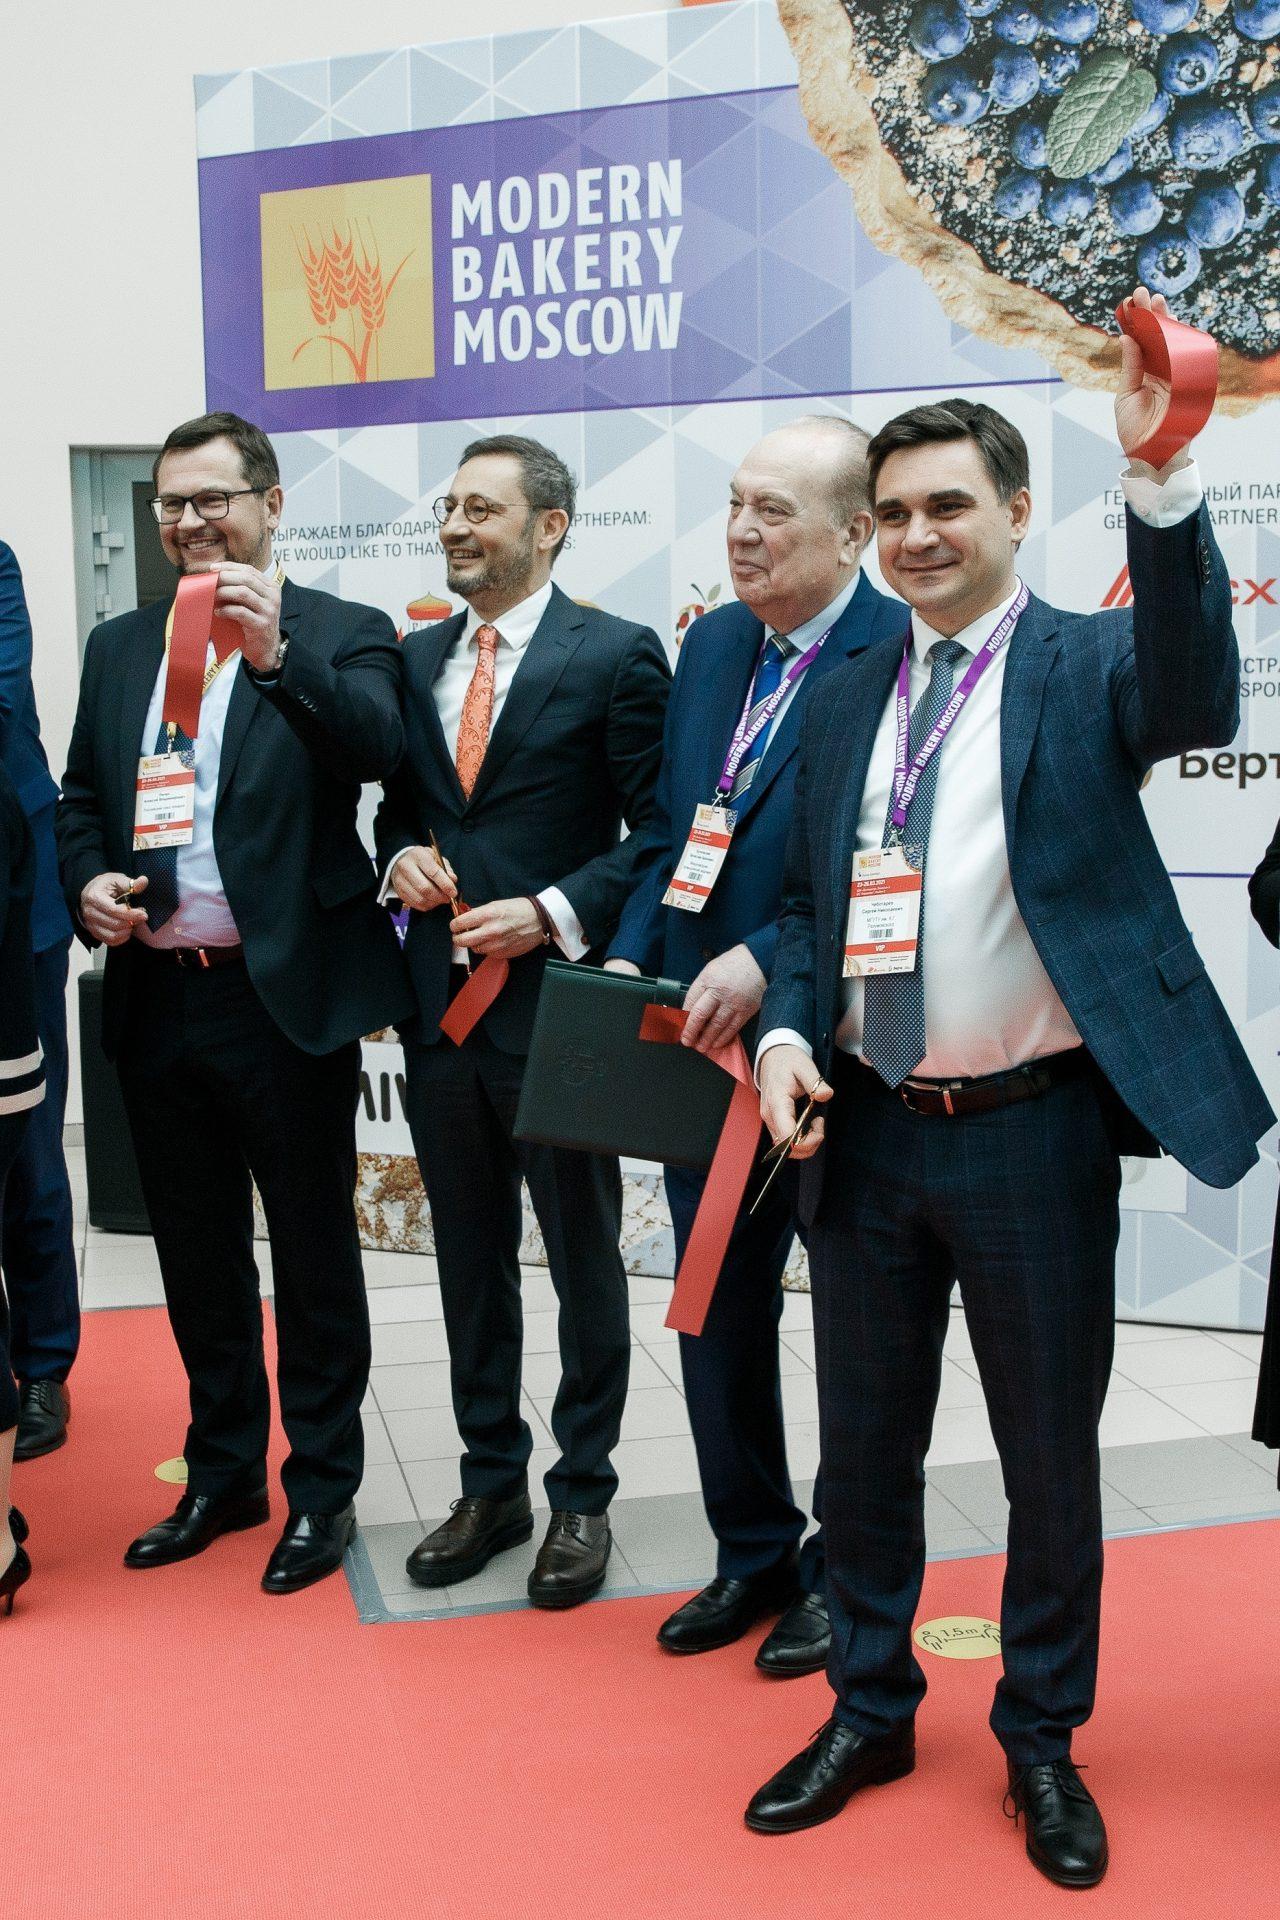 МГУТУ участвует в выставке для хлебопекарного и кондитерского рынков Modern Bakery Moscow